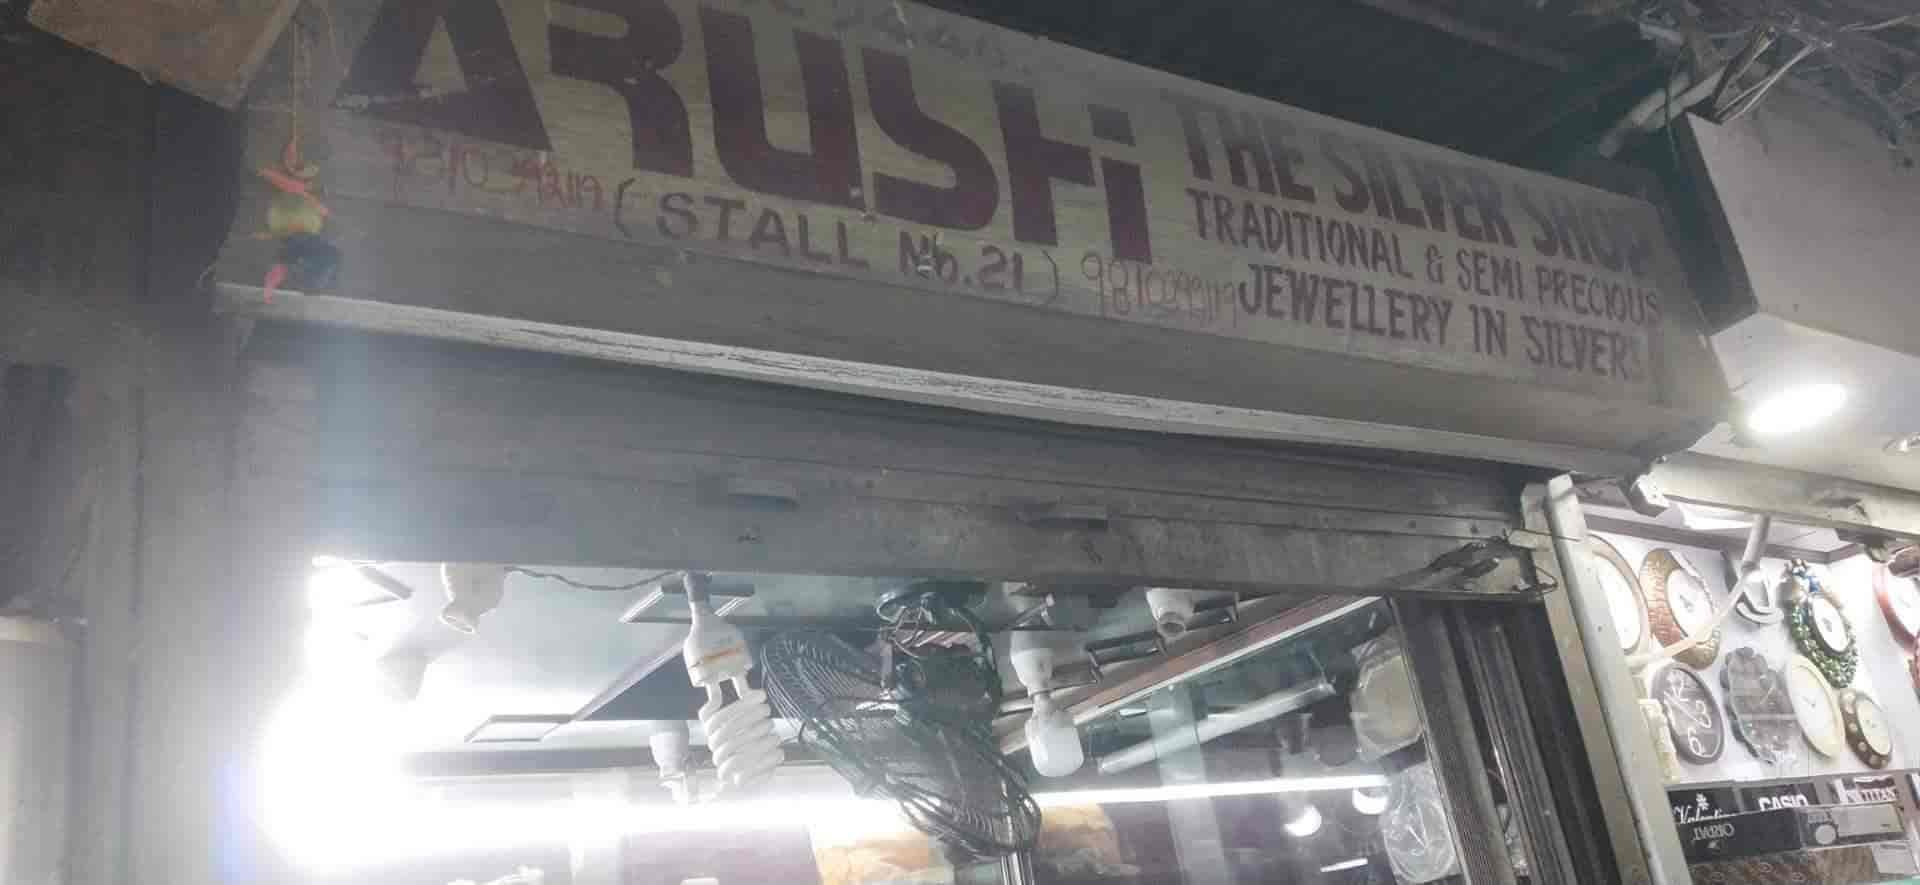 Arushi Silver Corner, Lajpat Nagar - Jewellery Showrooms in